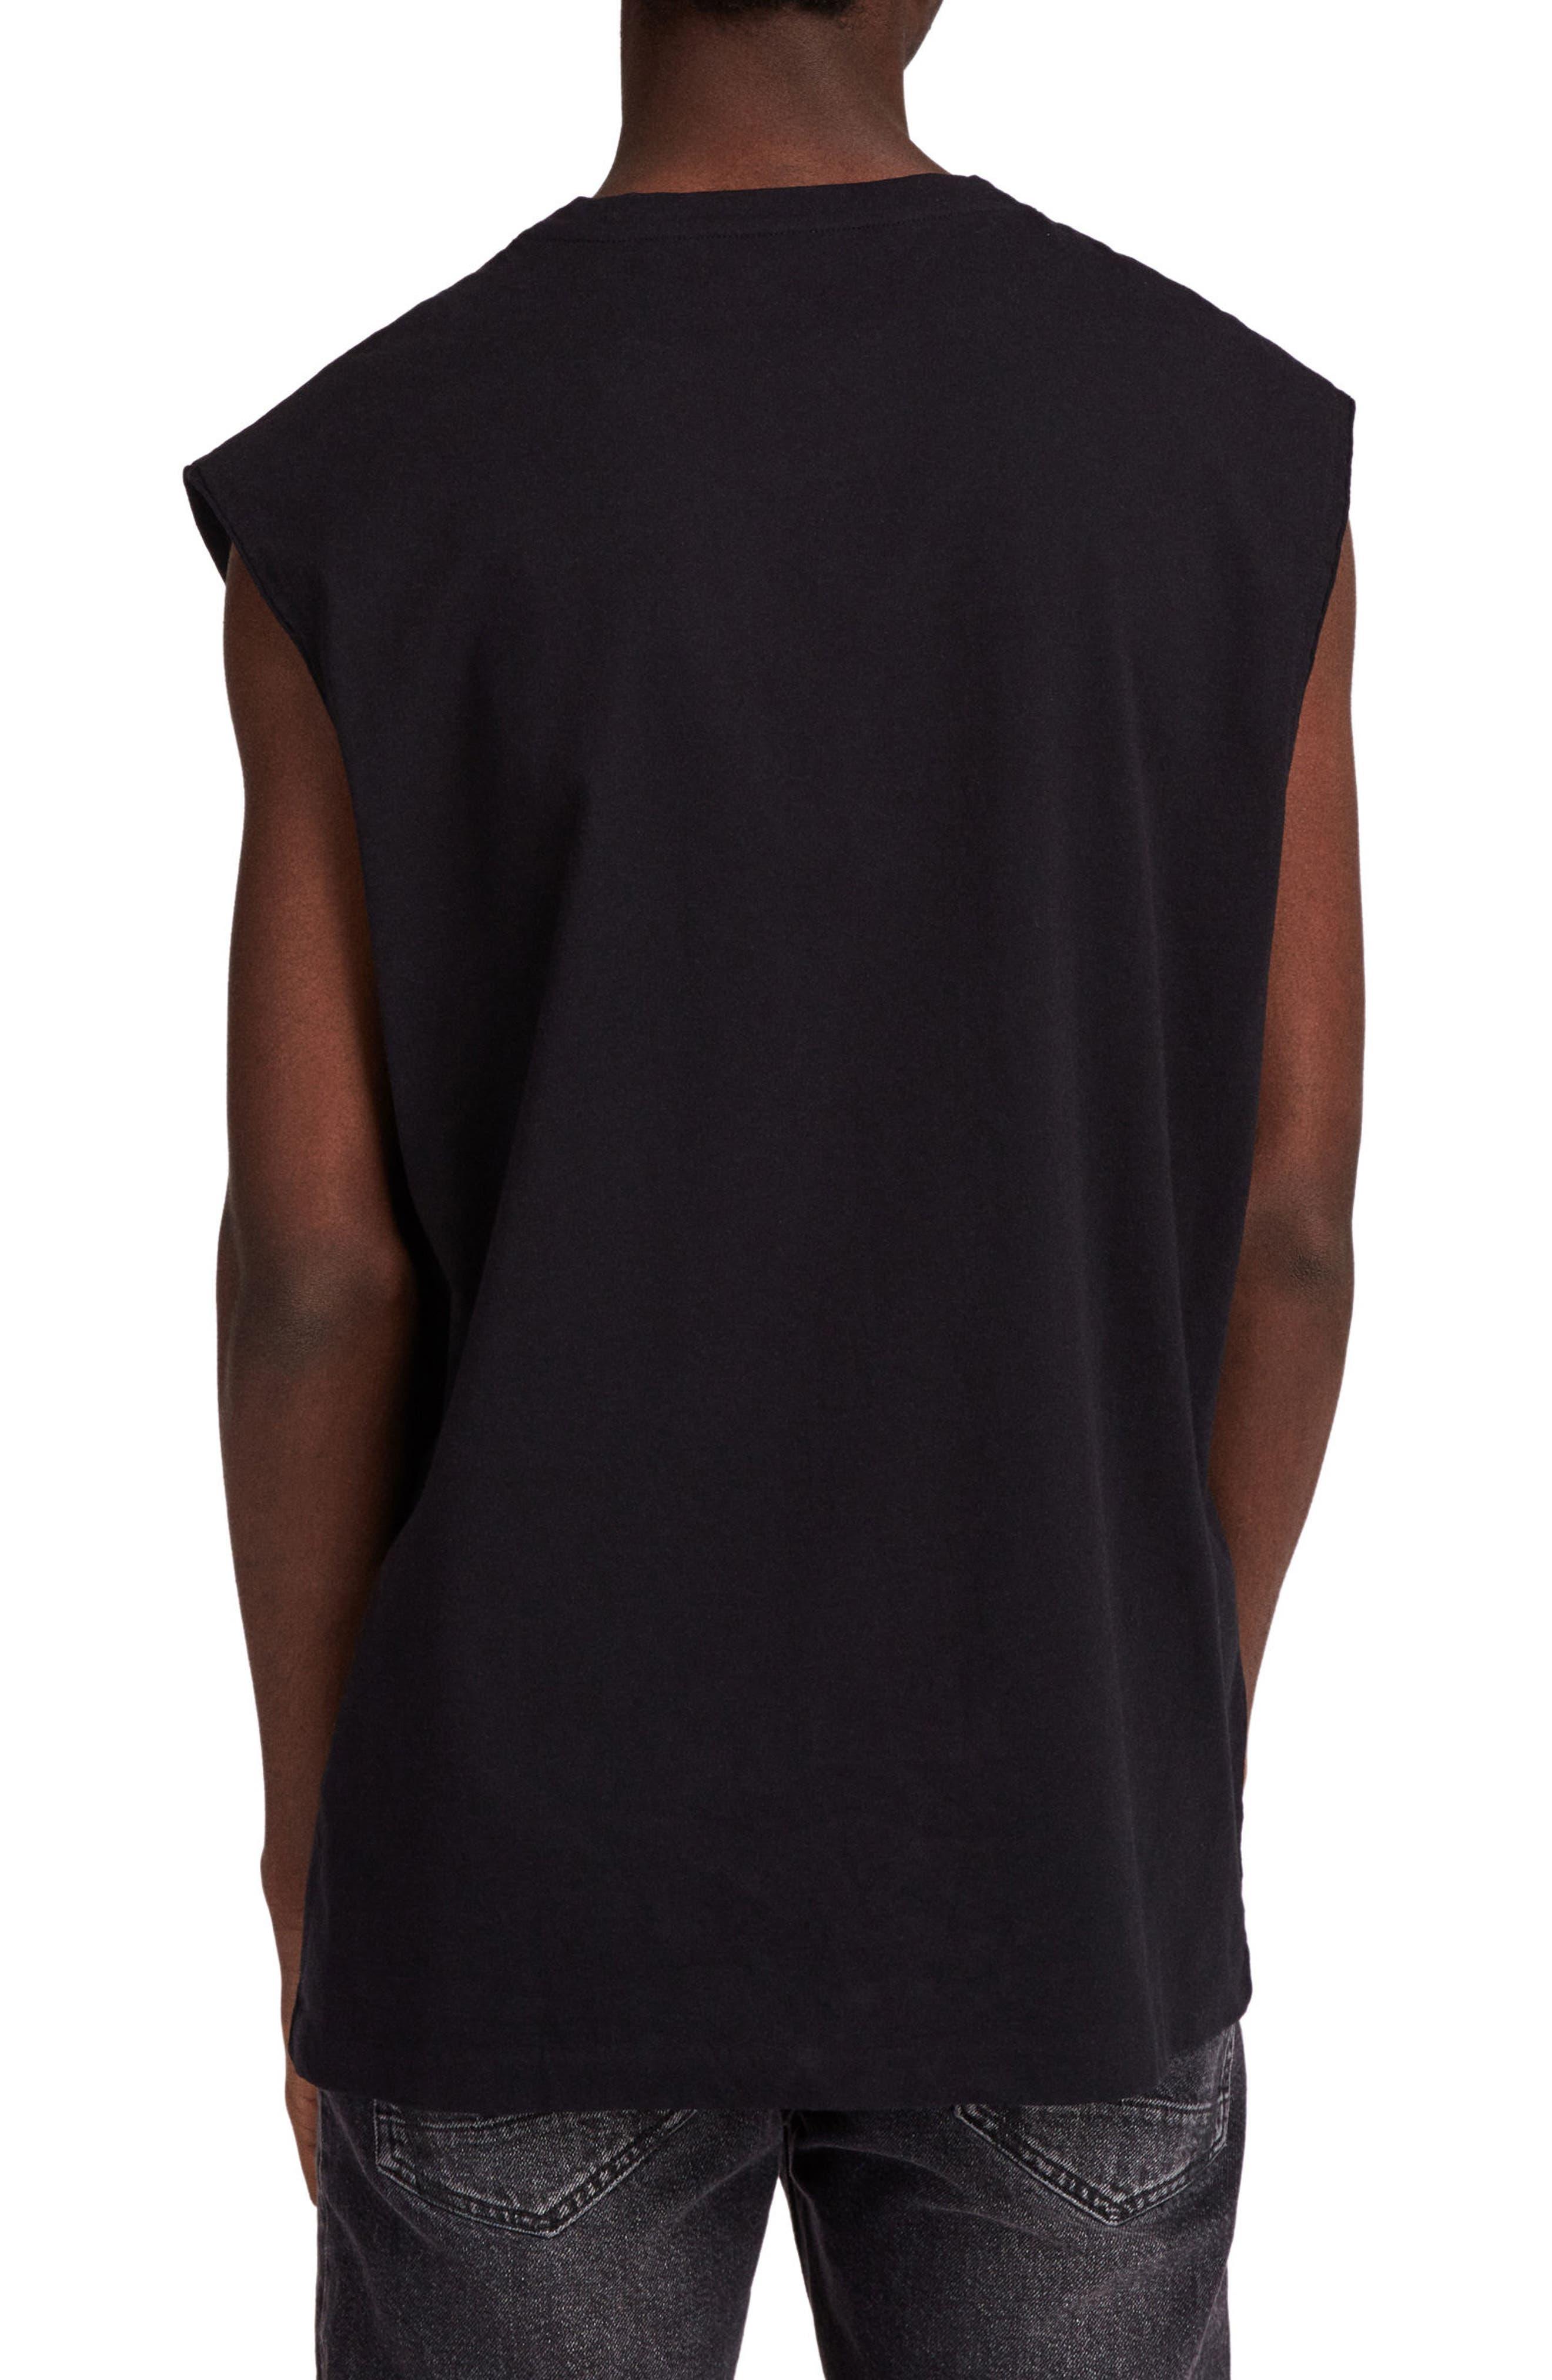 Heton Sleeveless T-Shirt,                             Alternate thumbnail 2, color,                             001